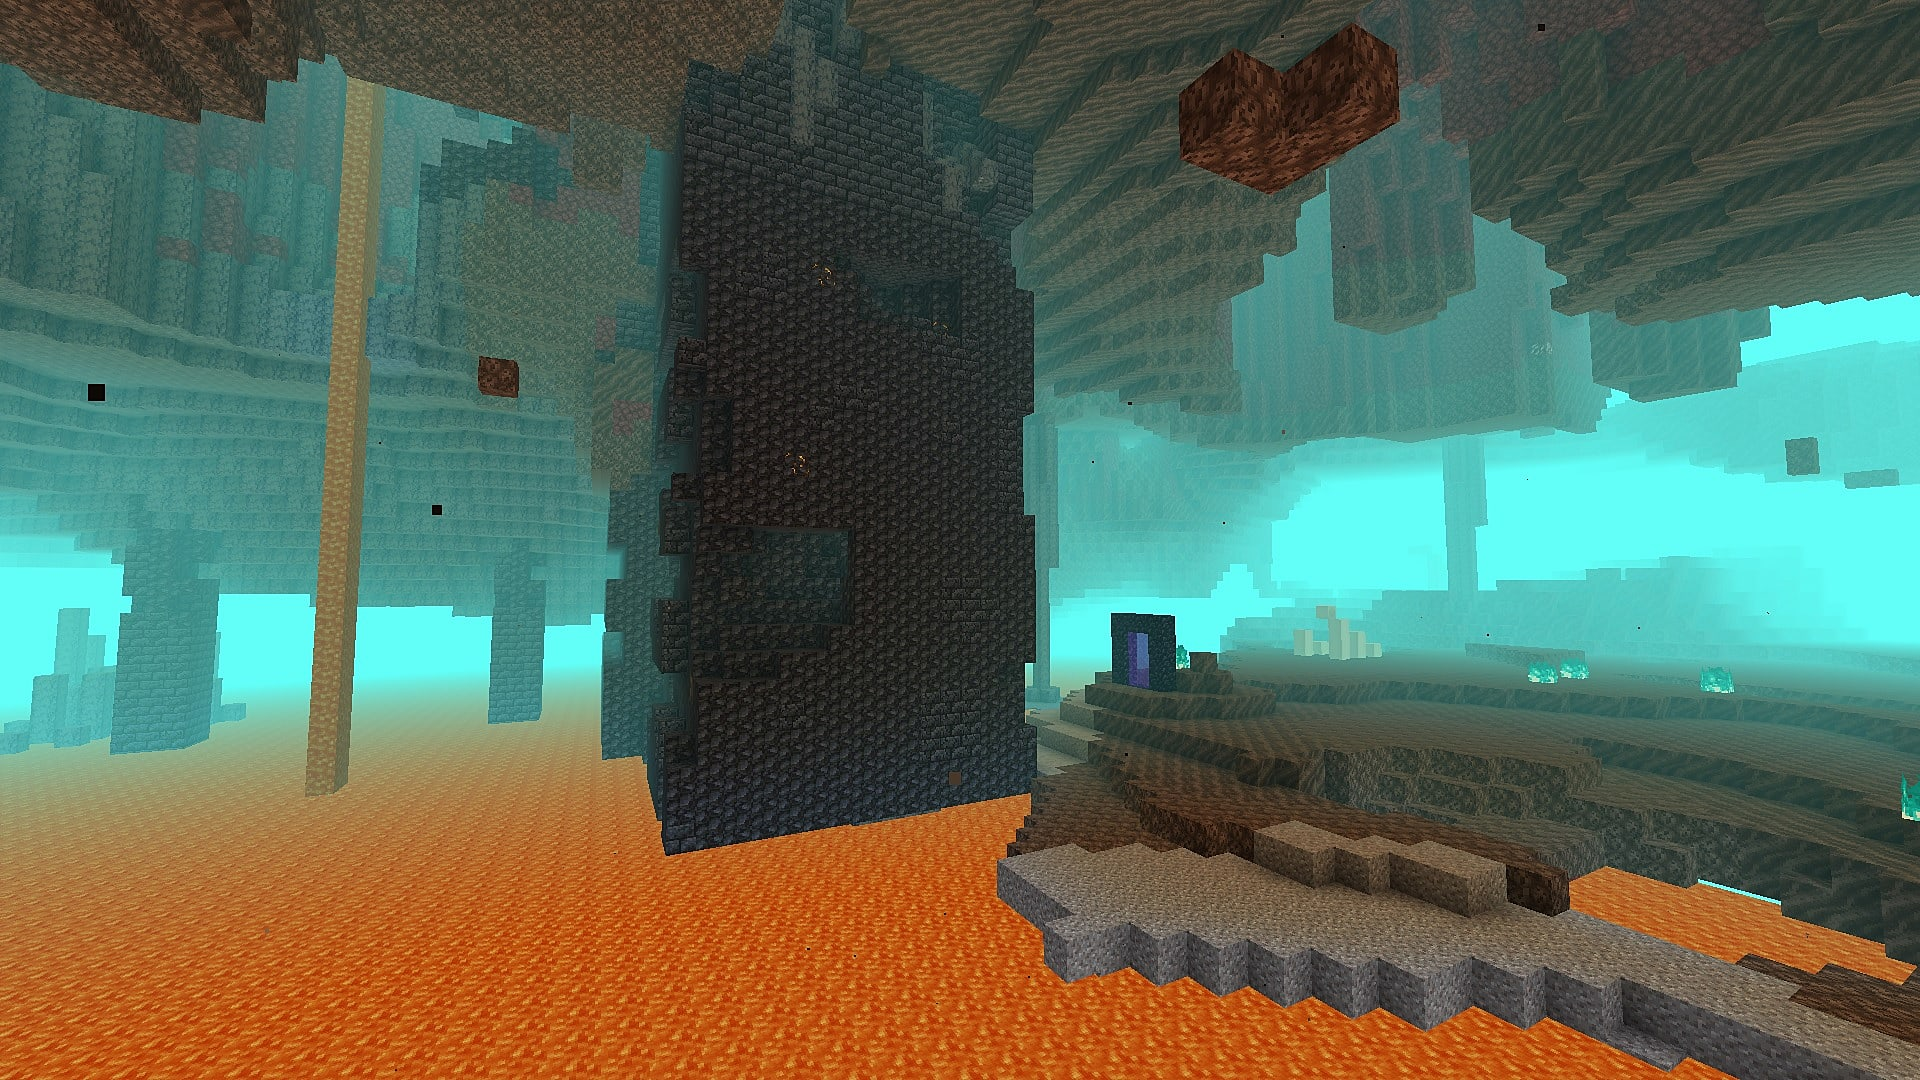 Best Minecraft 1111.111111.1111 Seeds for July 11  Slide 11  Minecraft